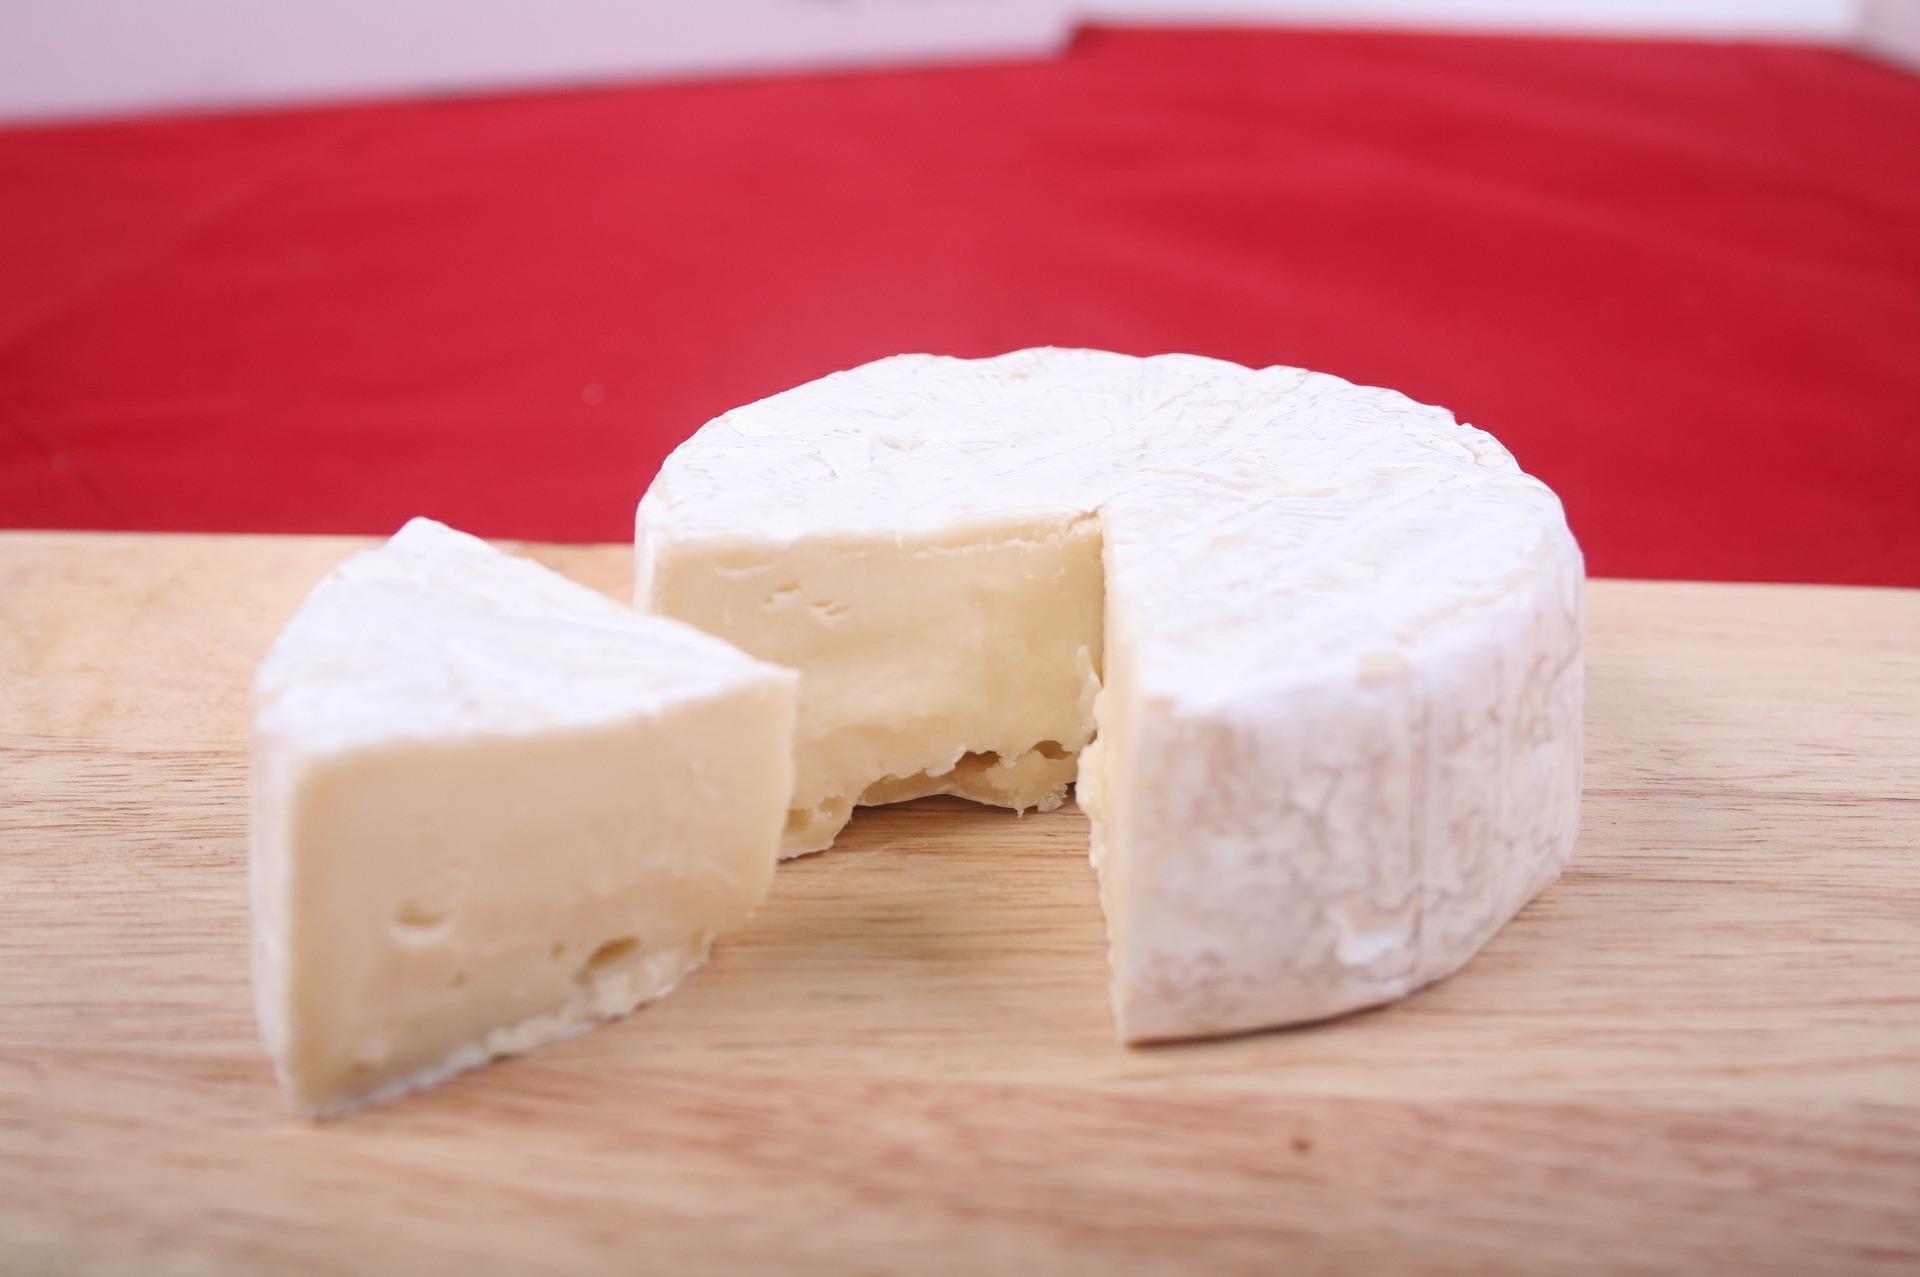 Los quesos no pasteurizados: riquísmos y más saludables - Crear Salud -  Hábitos saludables